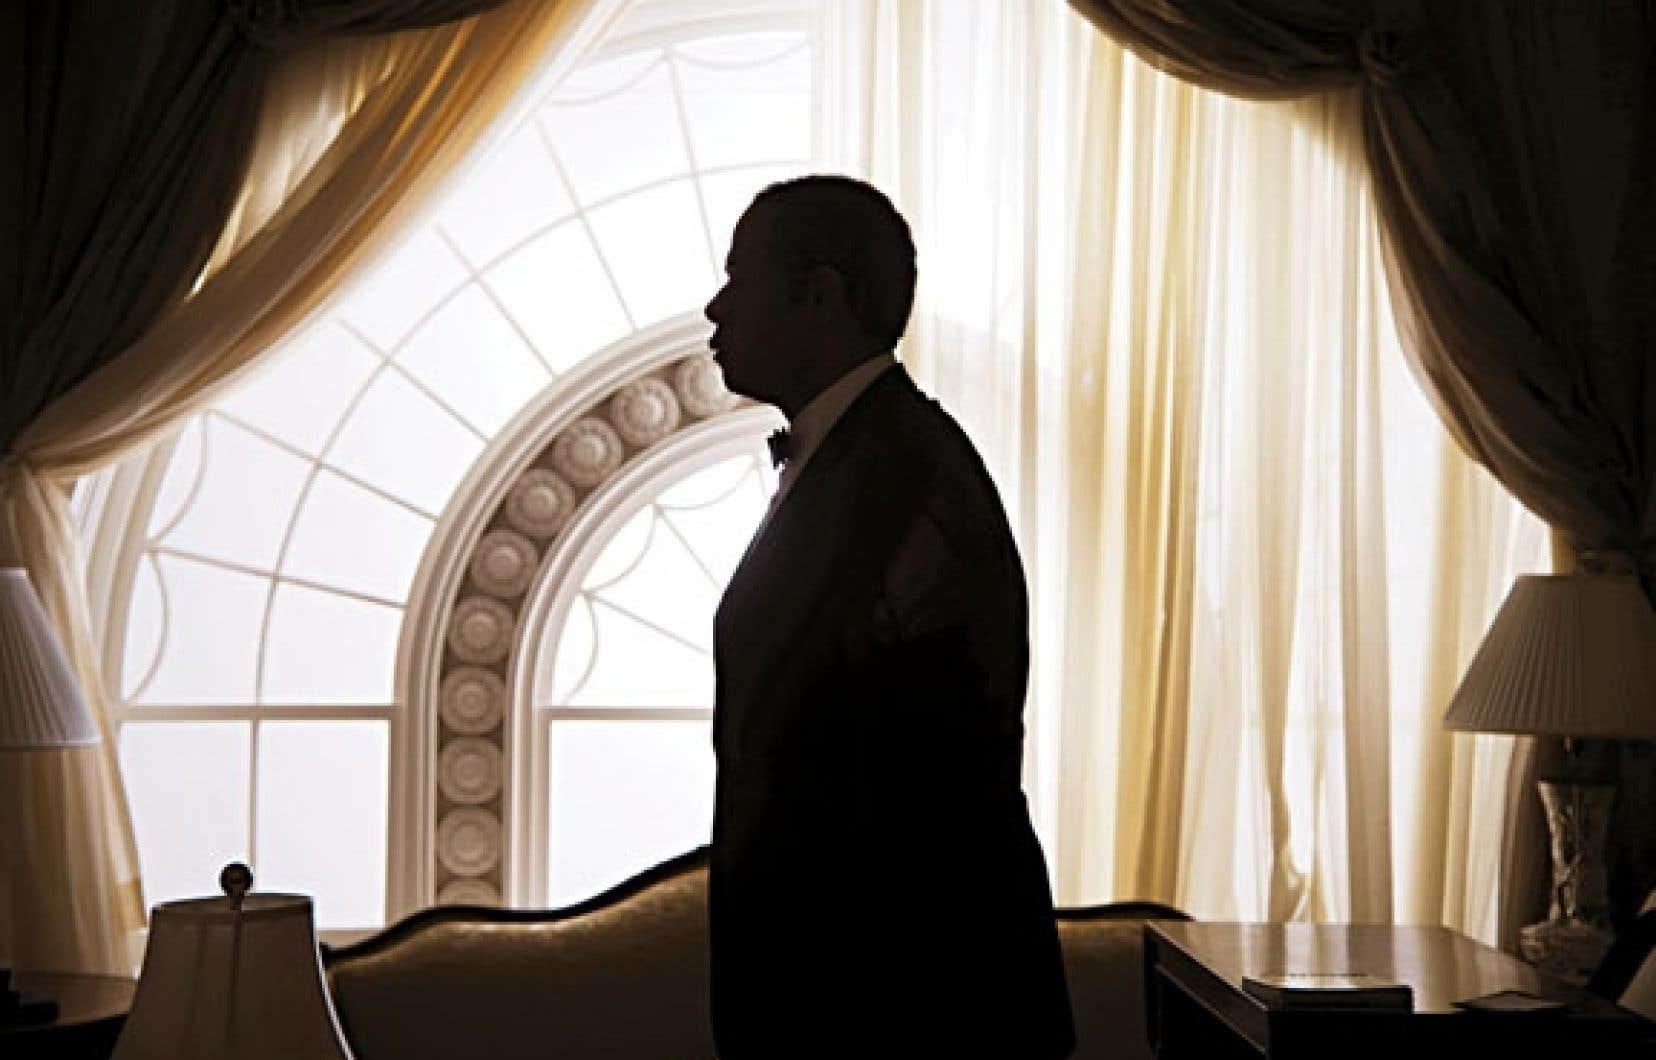 Forest Whitaker tient ferme la vedette, seul clou du film dans la peau du loyal majordome, pétri de contradictions intérieures.